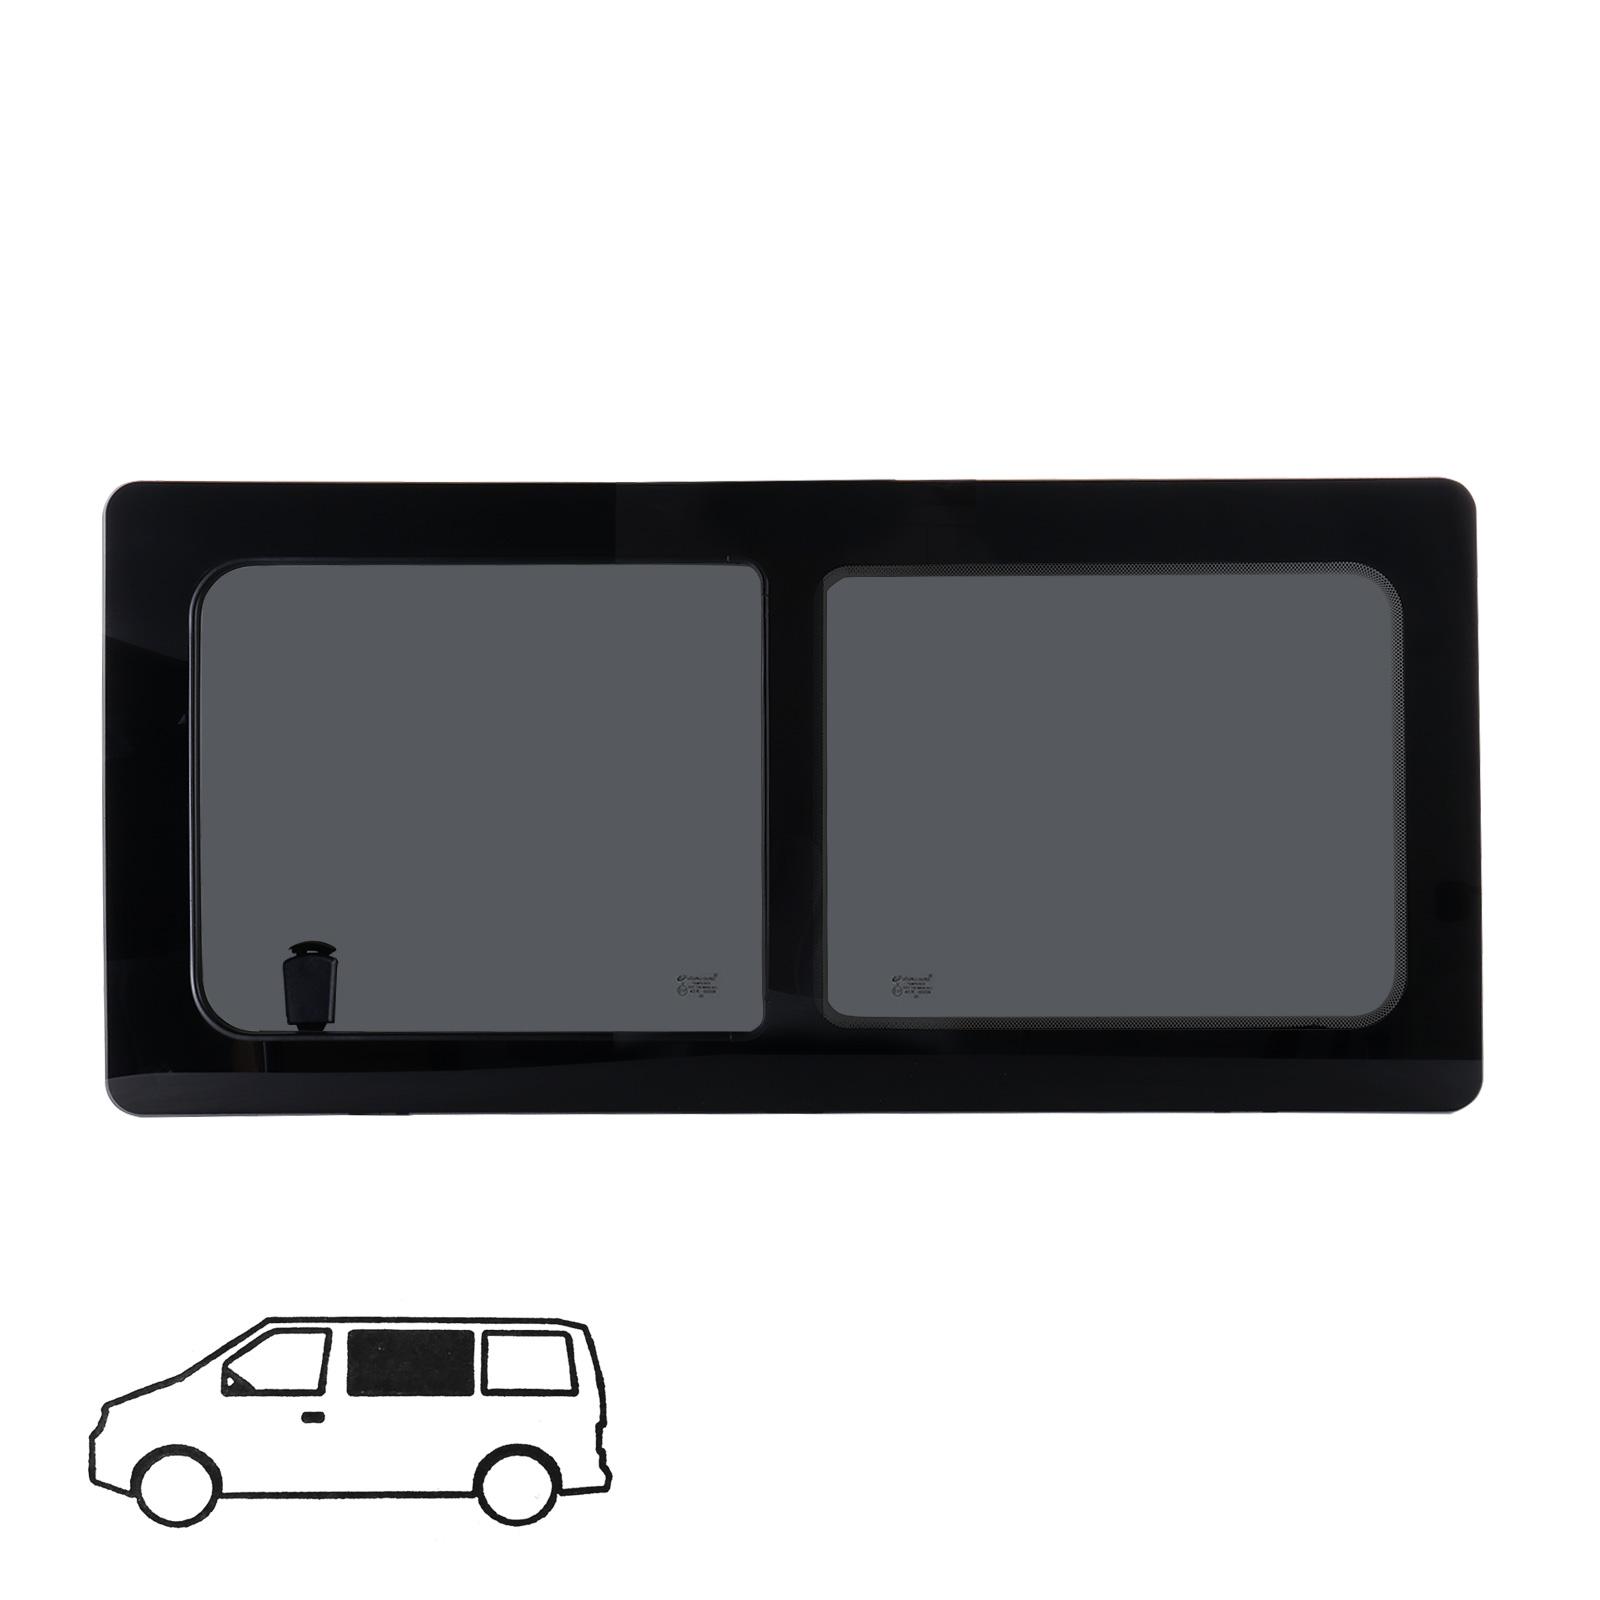 Schiebefenster links Glasfenster für VW T4 Echtglas 113 x 53 cm Bj. 90-04